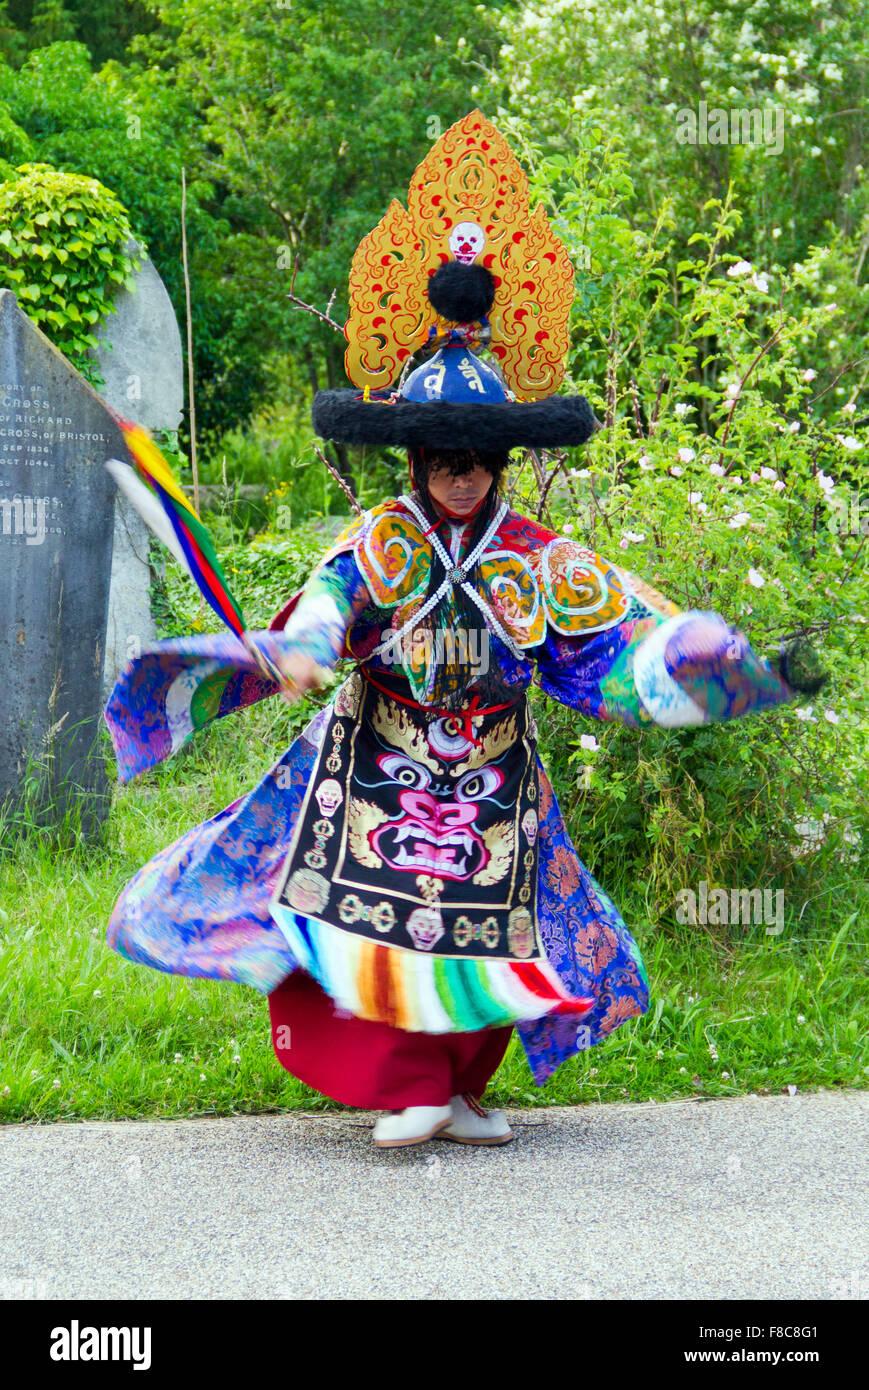 Tashi Lhunpo monaco che partecipano a un canto e cham performance nel Regno Unito. Questo è Shanak o il cappello Immagini Stock